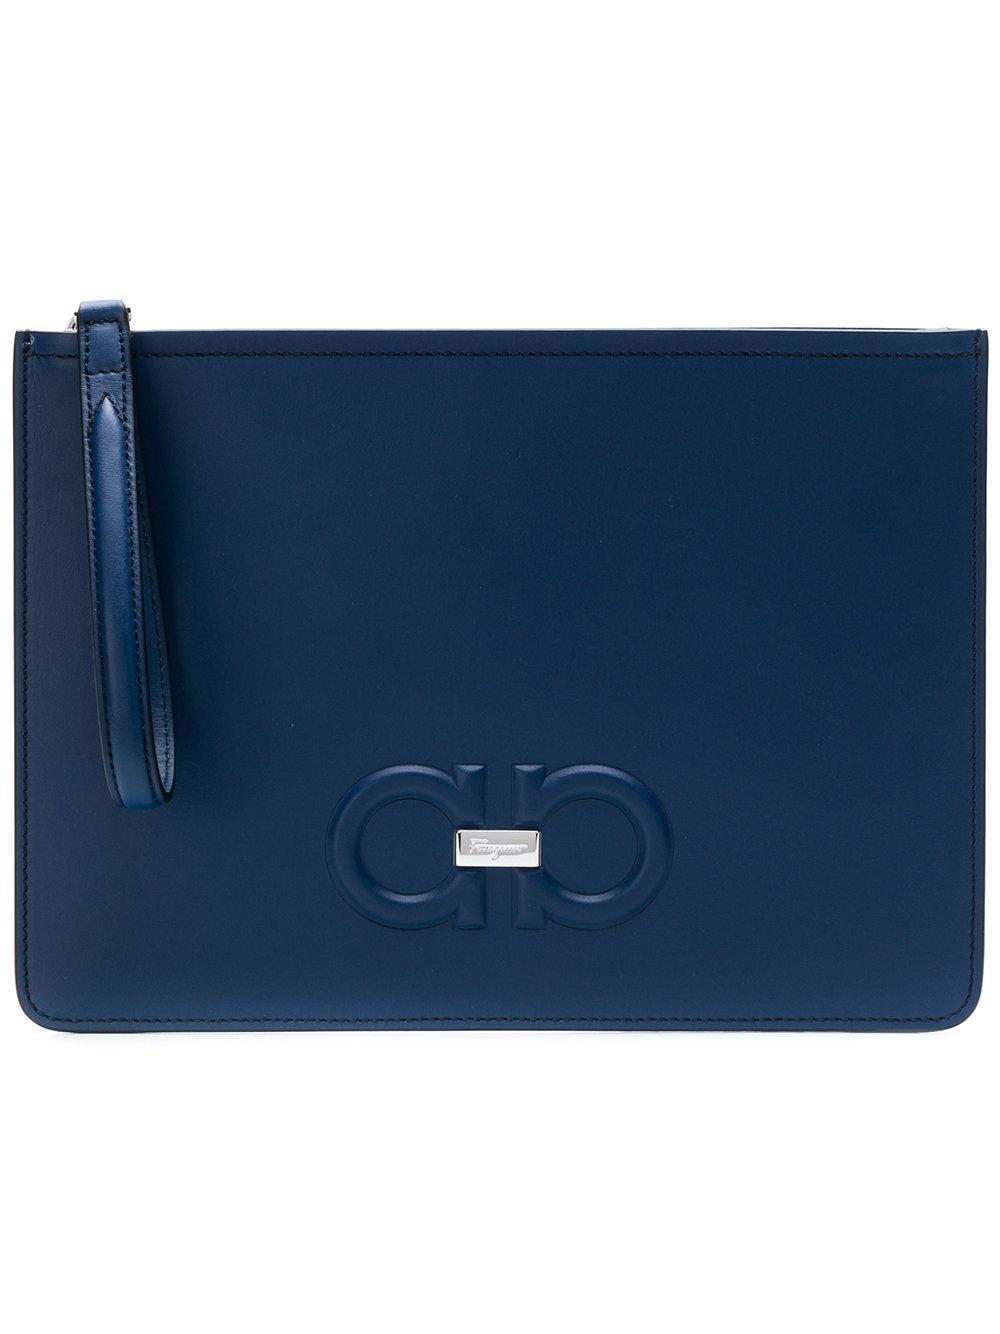 e2eb17deb080 Lyst - Ferragamo Firenze Clutch in Blue